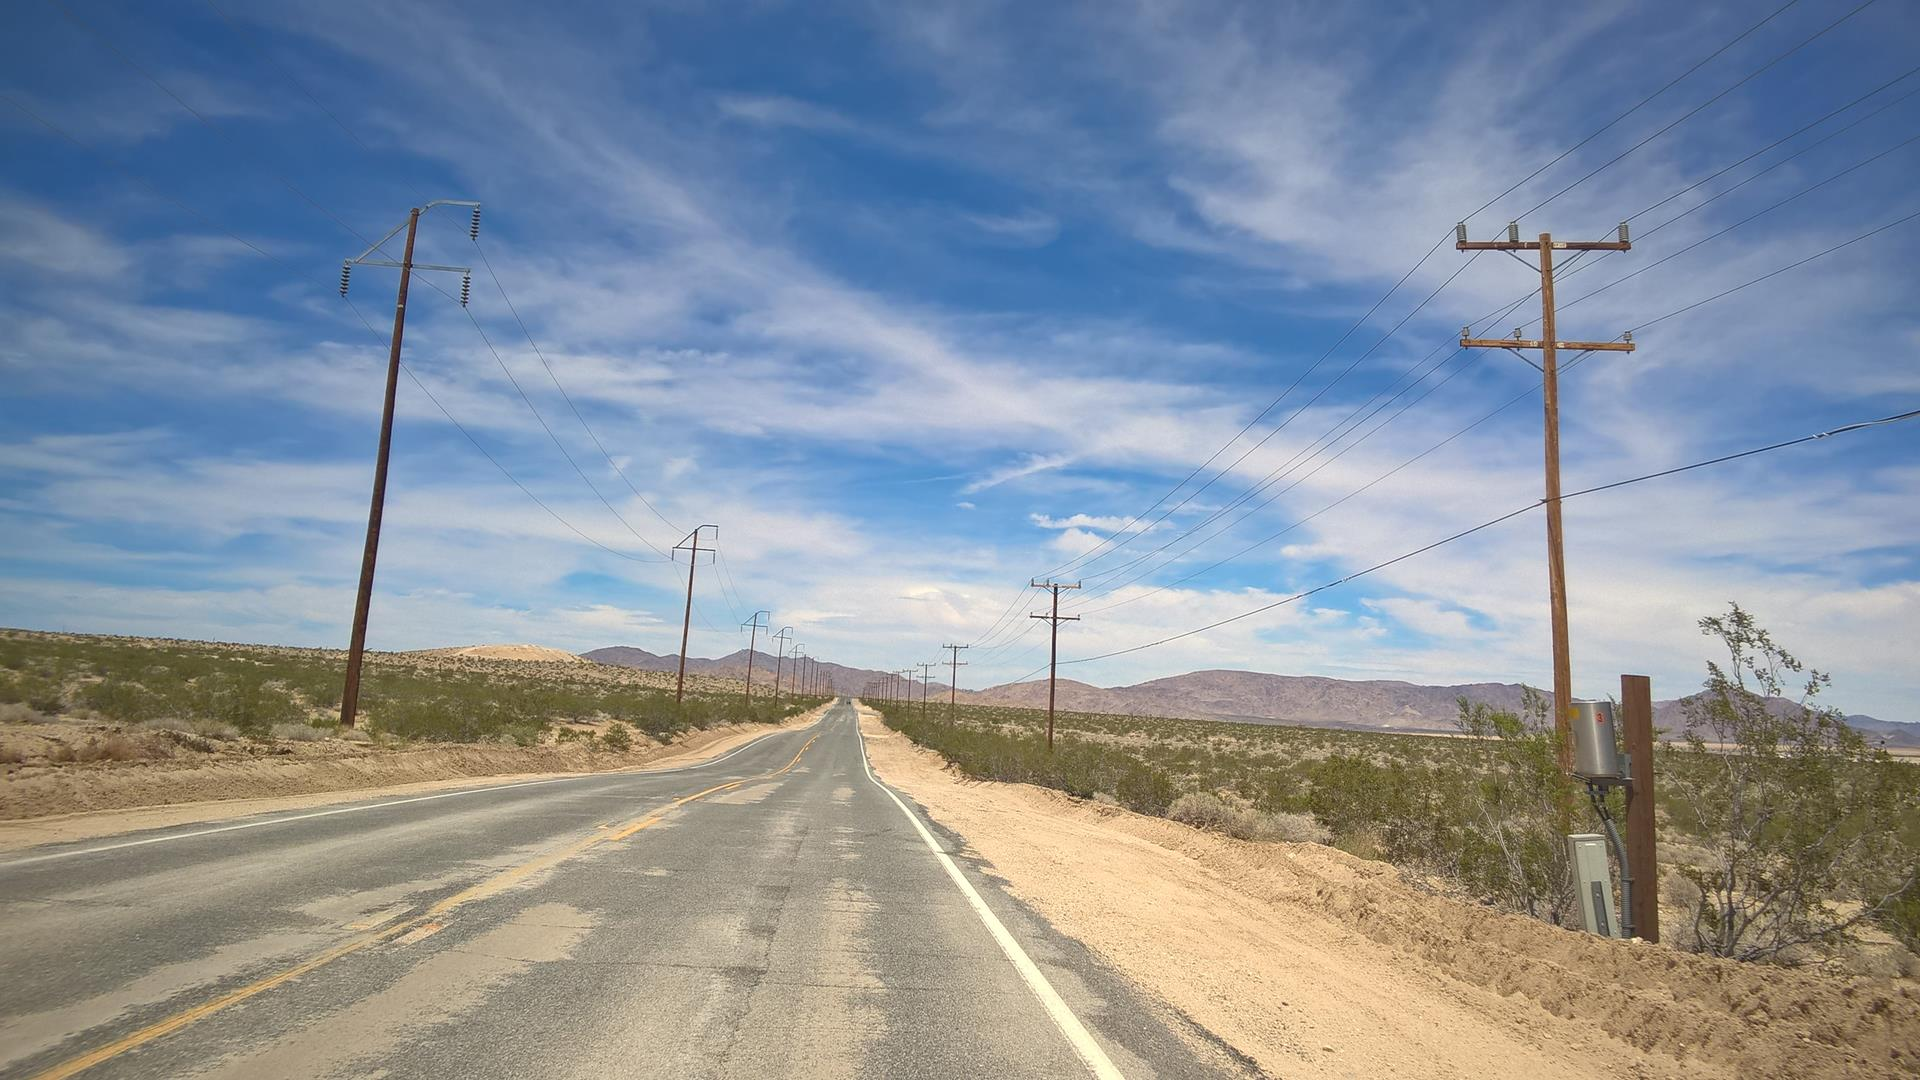 Durch die Wüste ging es...